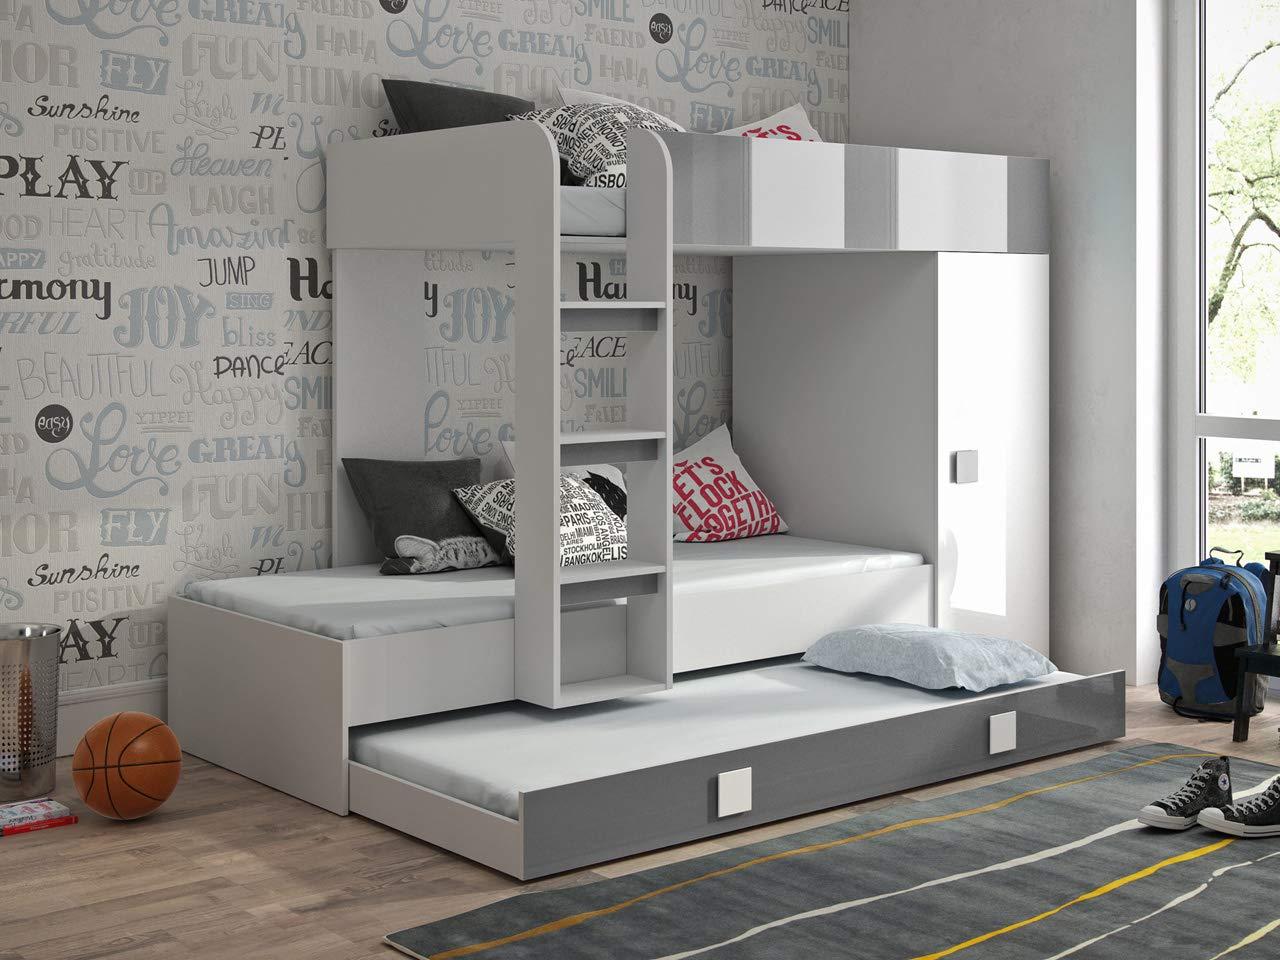 Etagenbett für Kinder TOLEDO 2 Stockbett mit Treppe und Bettkasten KRYSPOL (Weißszlig; + Grau Glanz) Weiß + Grau Glanz